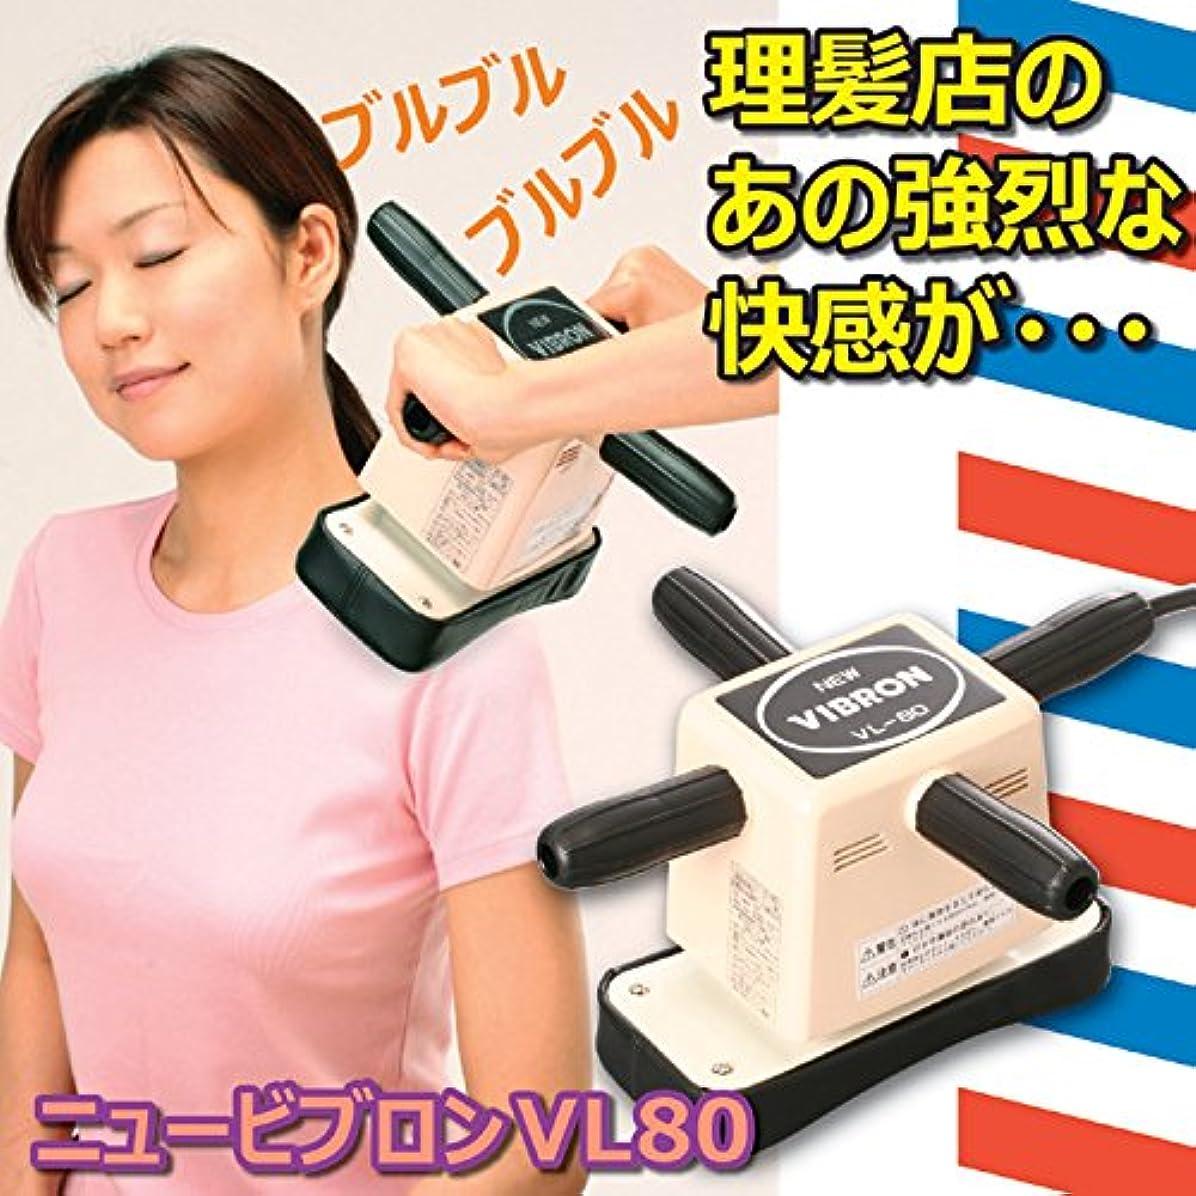 全体に運河言い換えると理髪店の「サービス」でもおなじみの! 家庭用電気マッサージ器ニュービブロン 870070